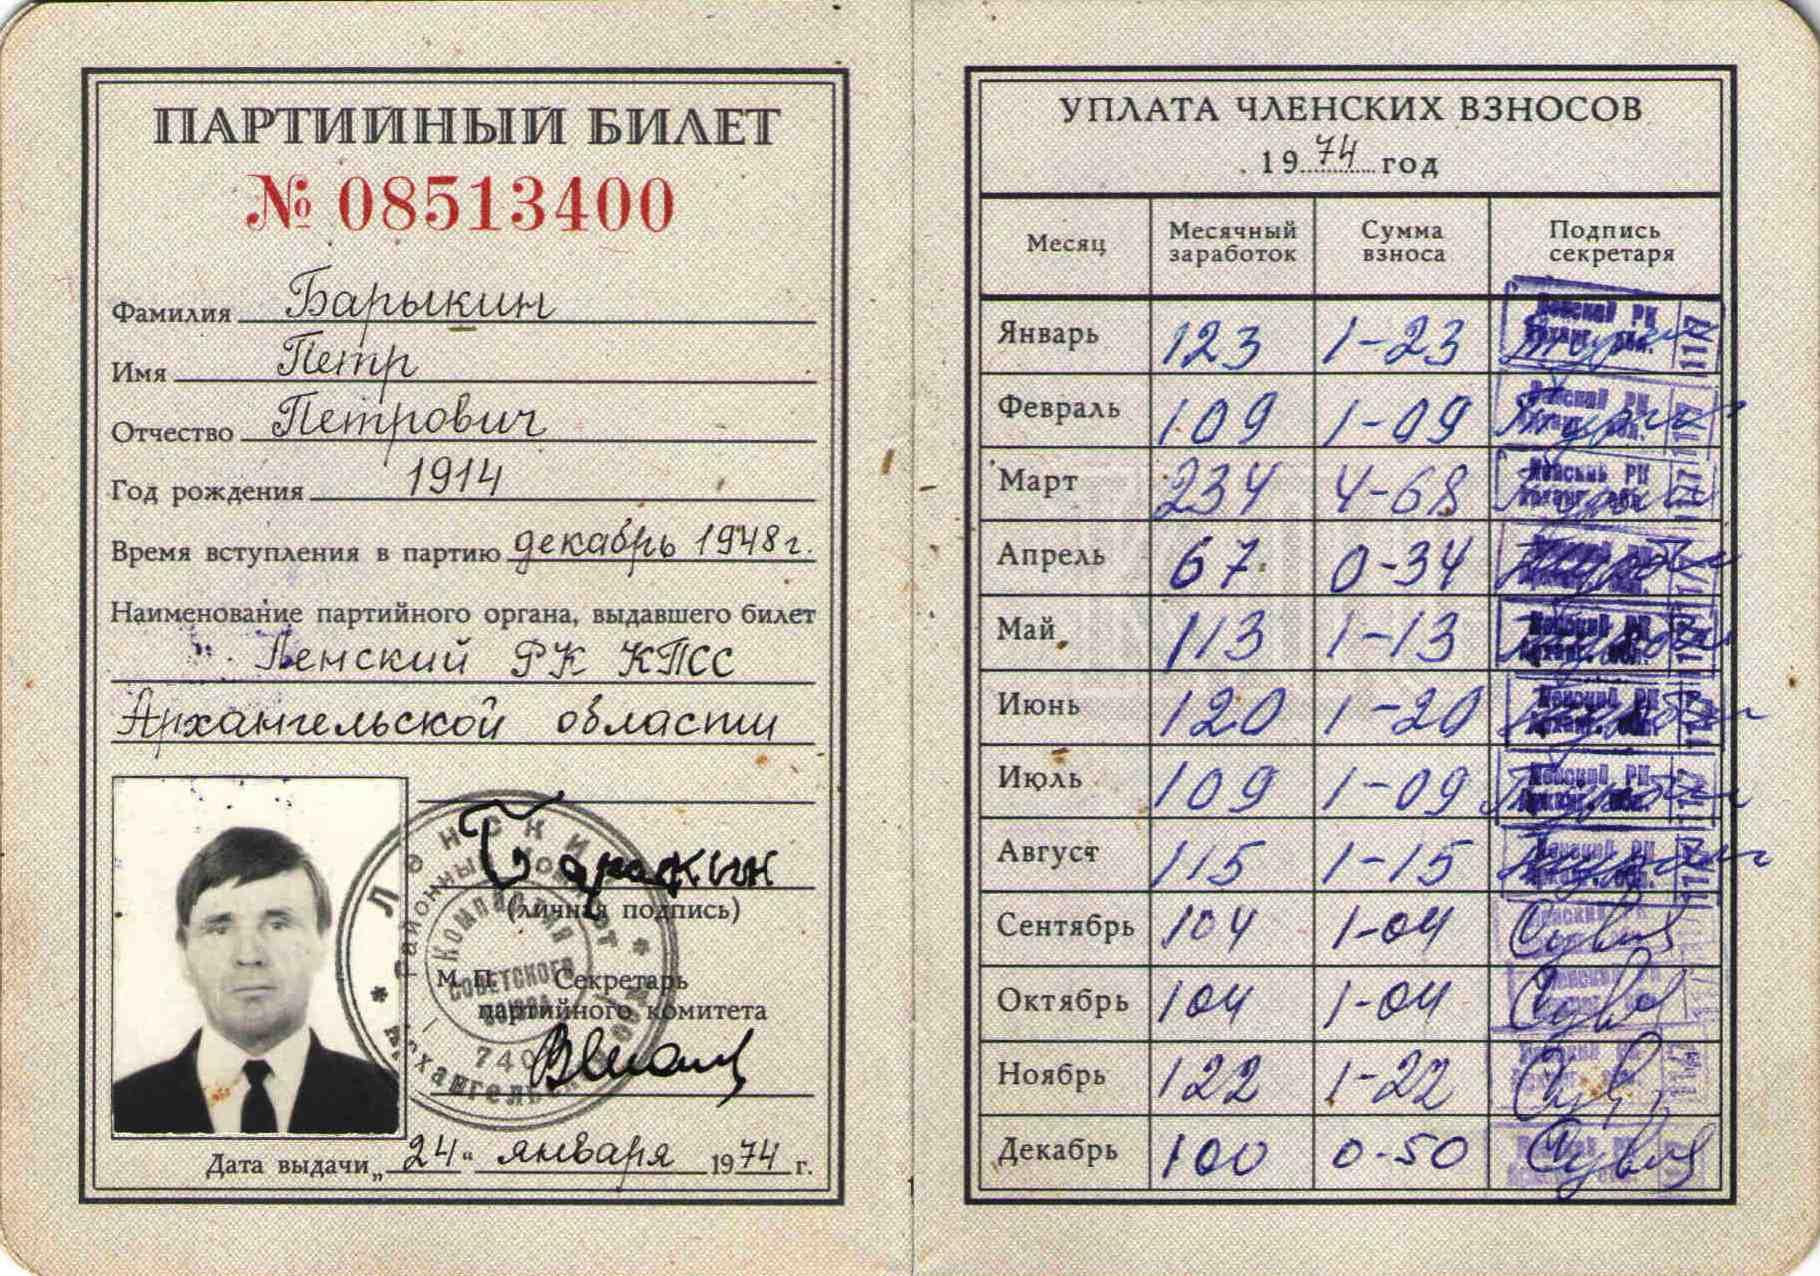 67. Партийный билет Барыкина ПП, 1974